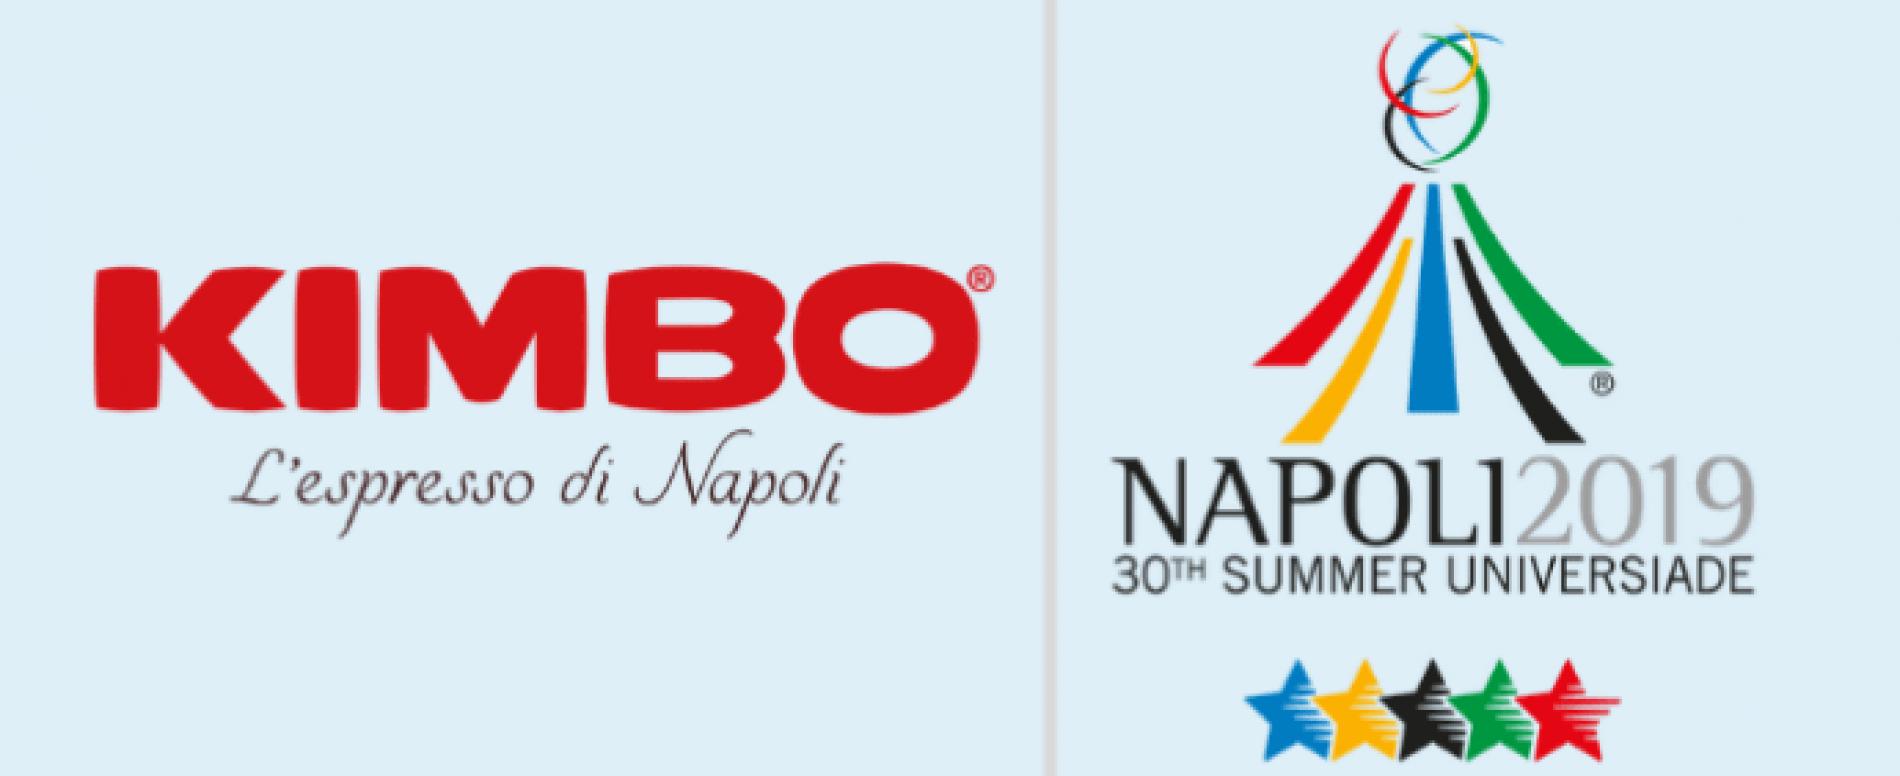 Kimbo a fianco di Napoli 2019 – Summer Universiade